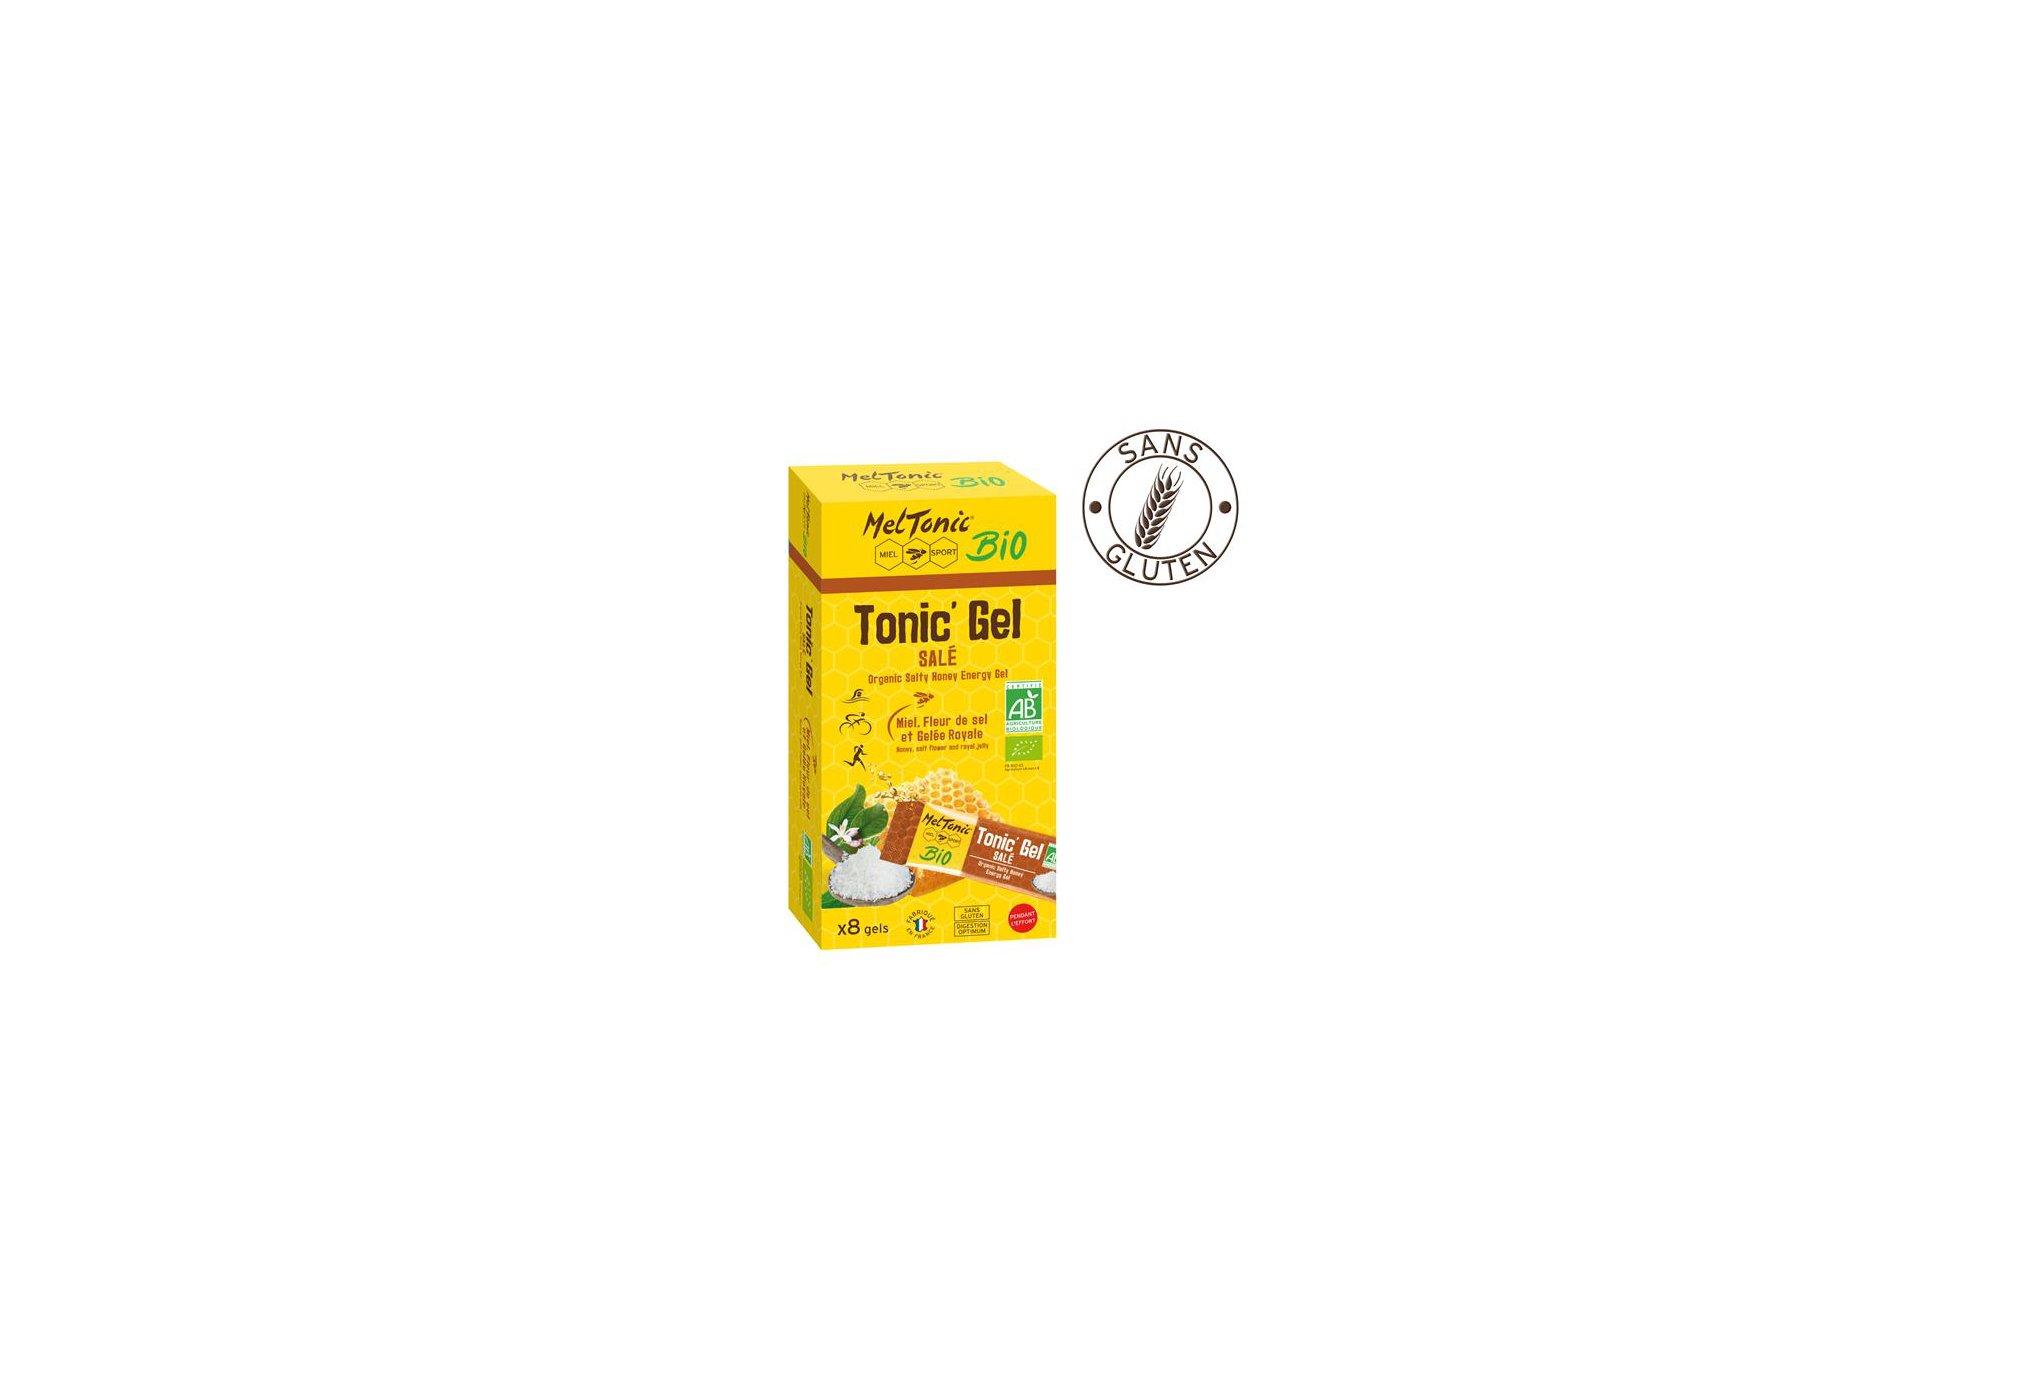 MelTonic Etui Tonic'Gel Salé BIO - Miel Fleur de sel Gelée royale Diététique Gels